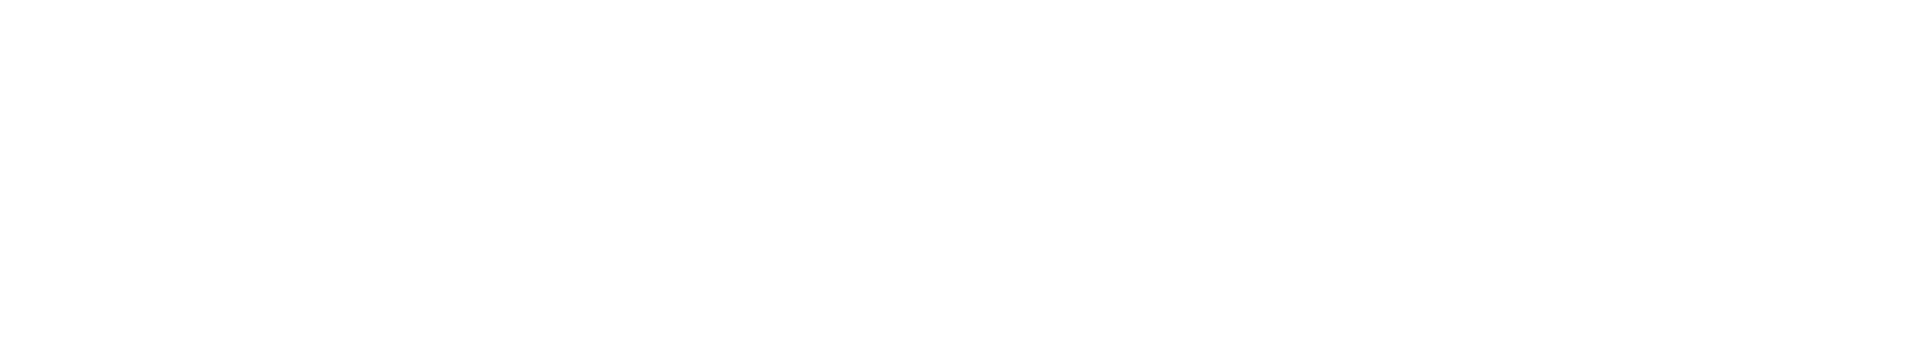 Создание веб сайта в Риге